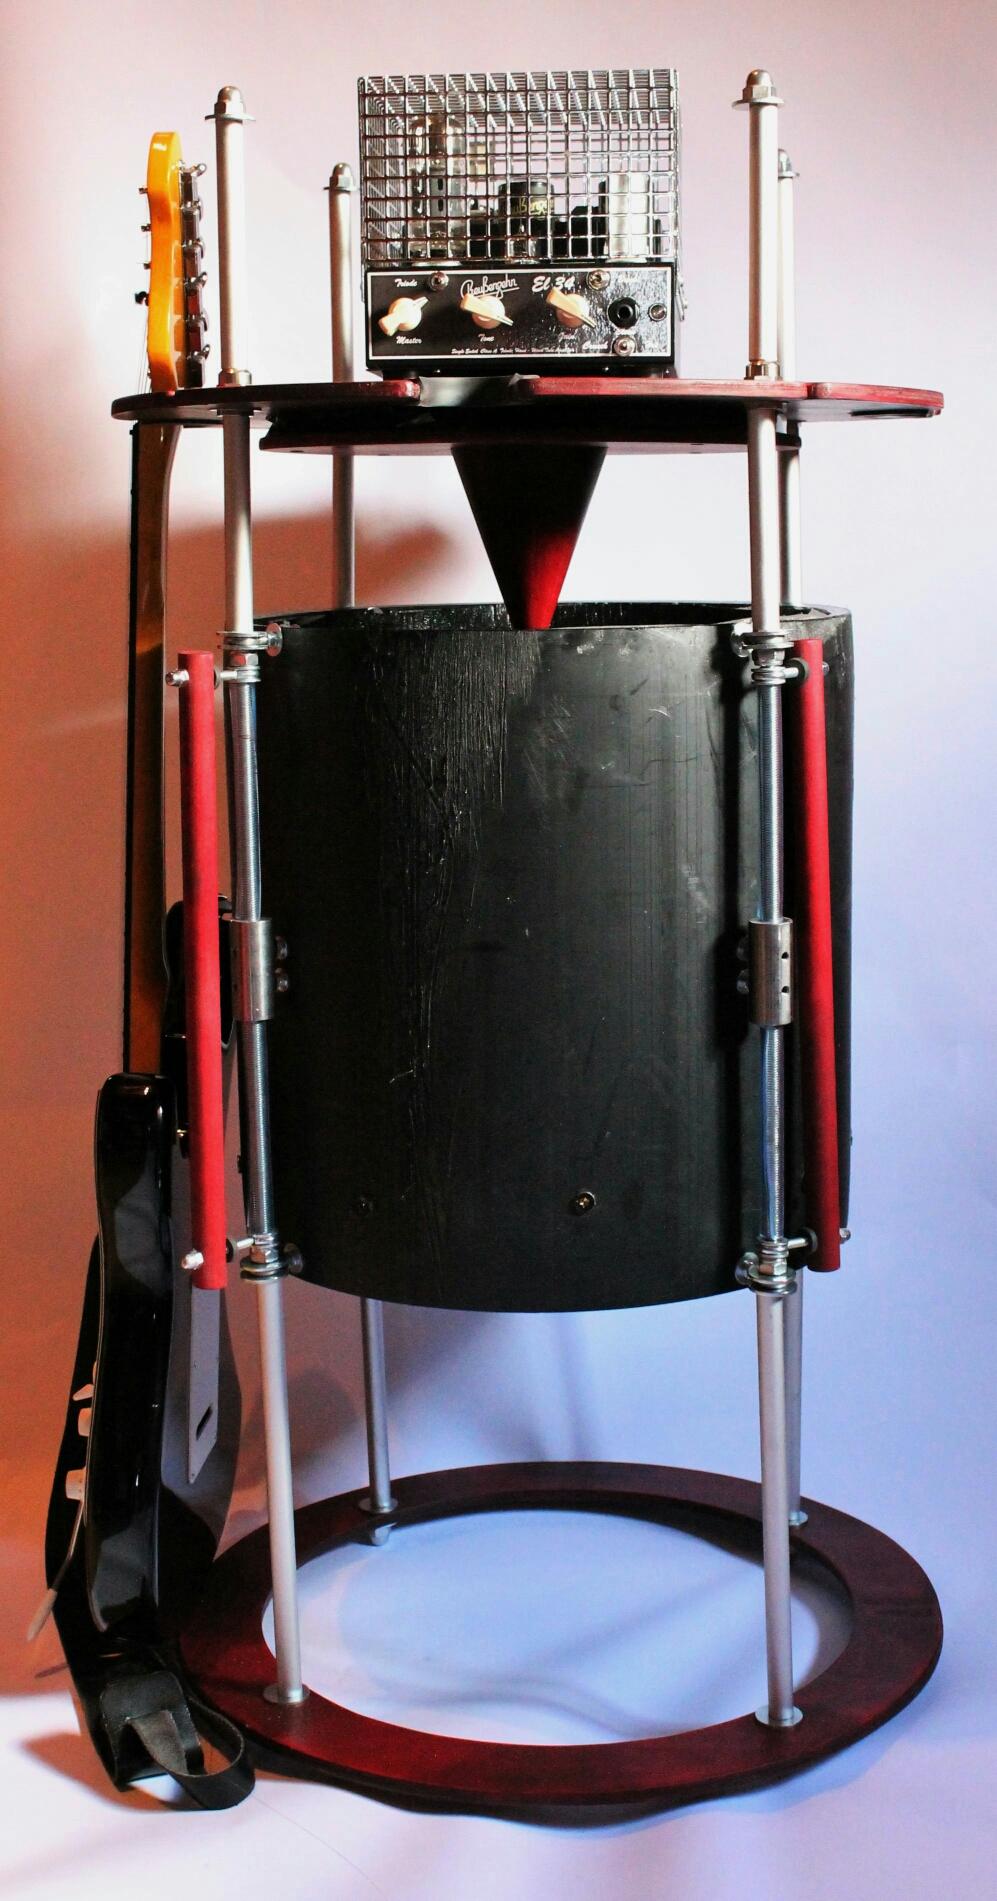 fuzzictube prototype